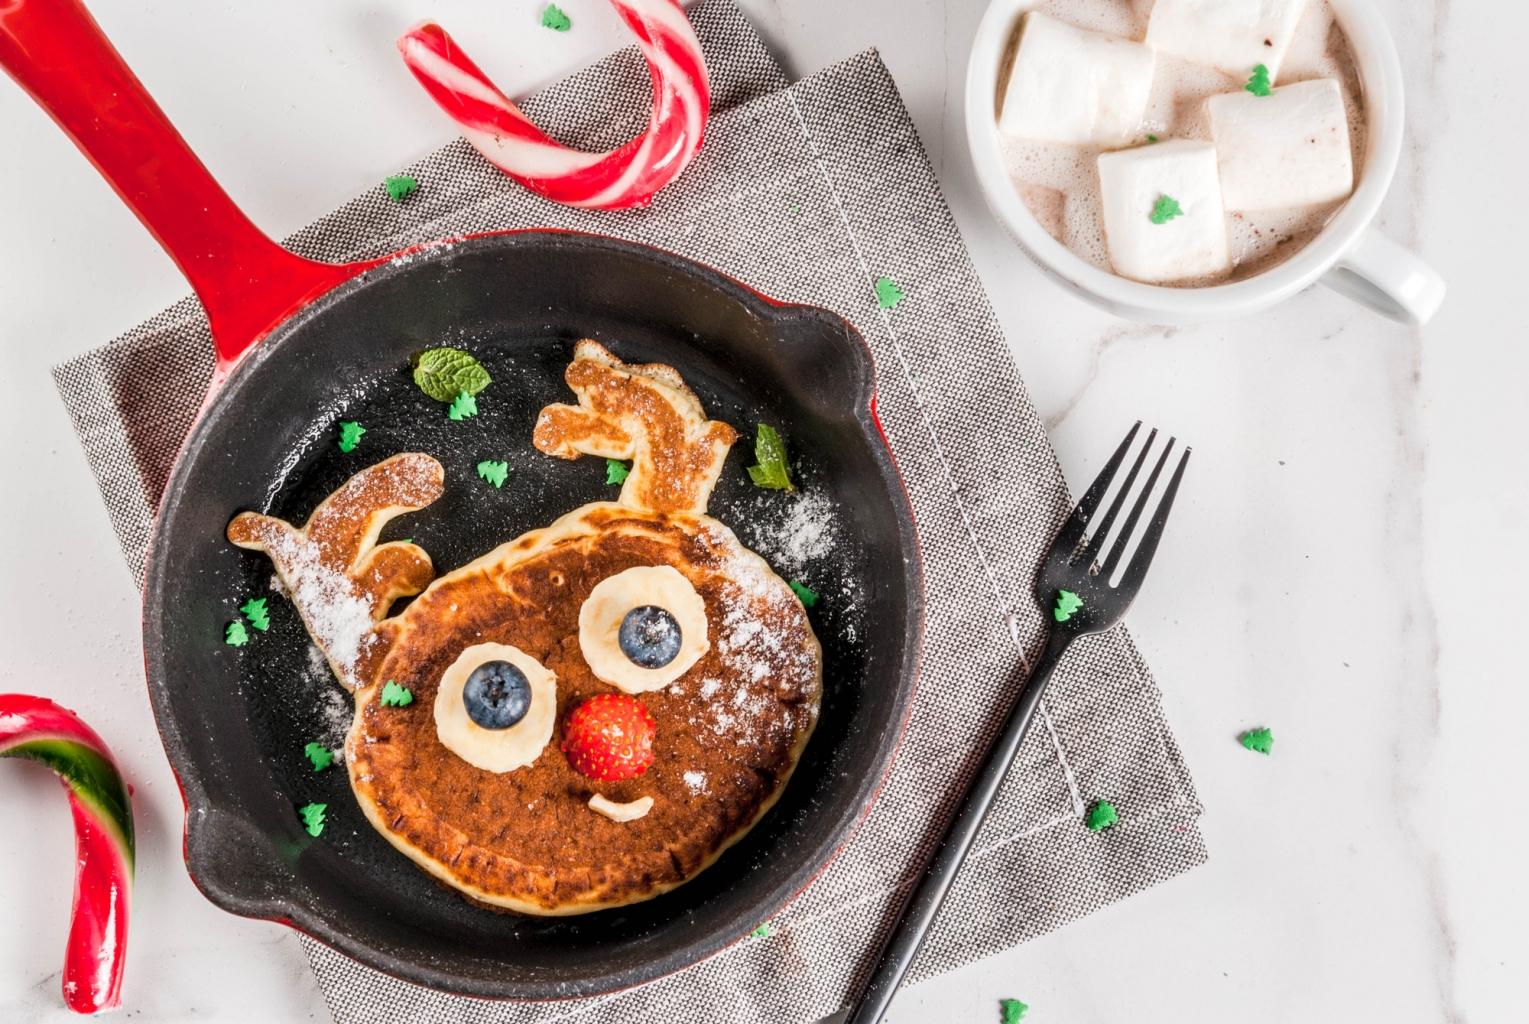 Kreatív karácsonyi kaja kreációk - andalító alkotások a konyhából